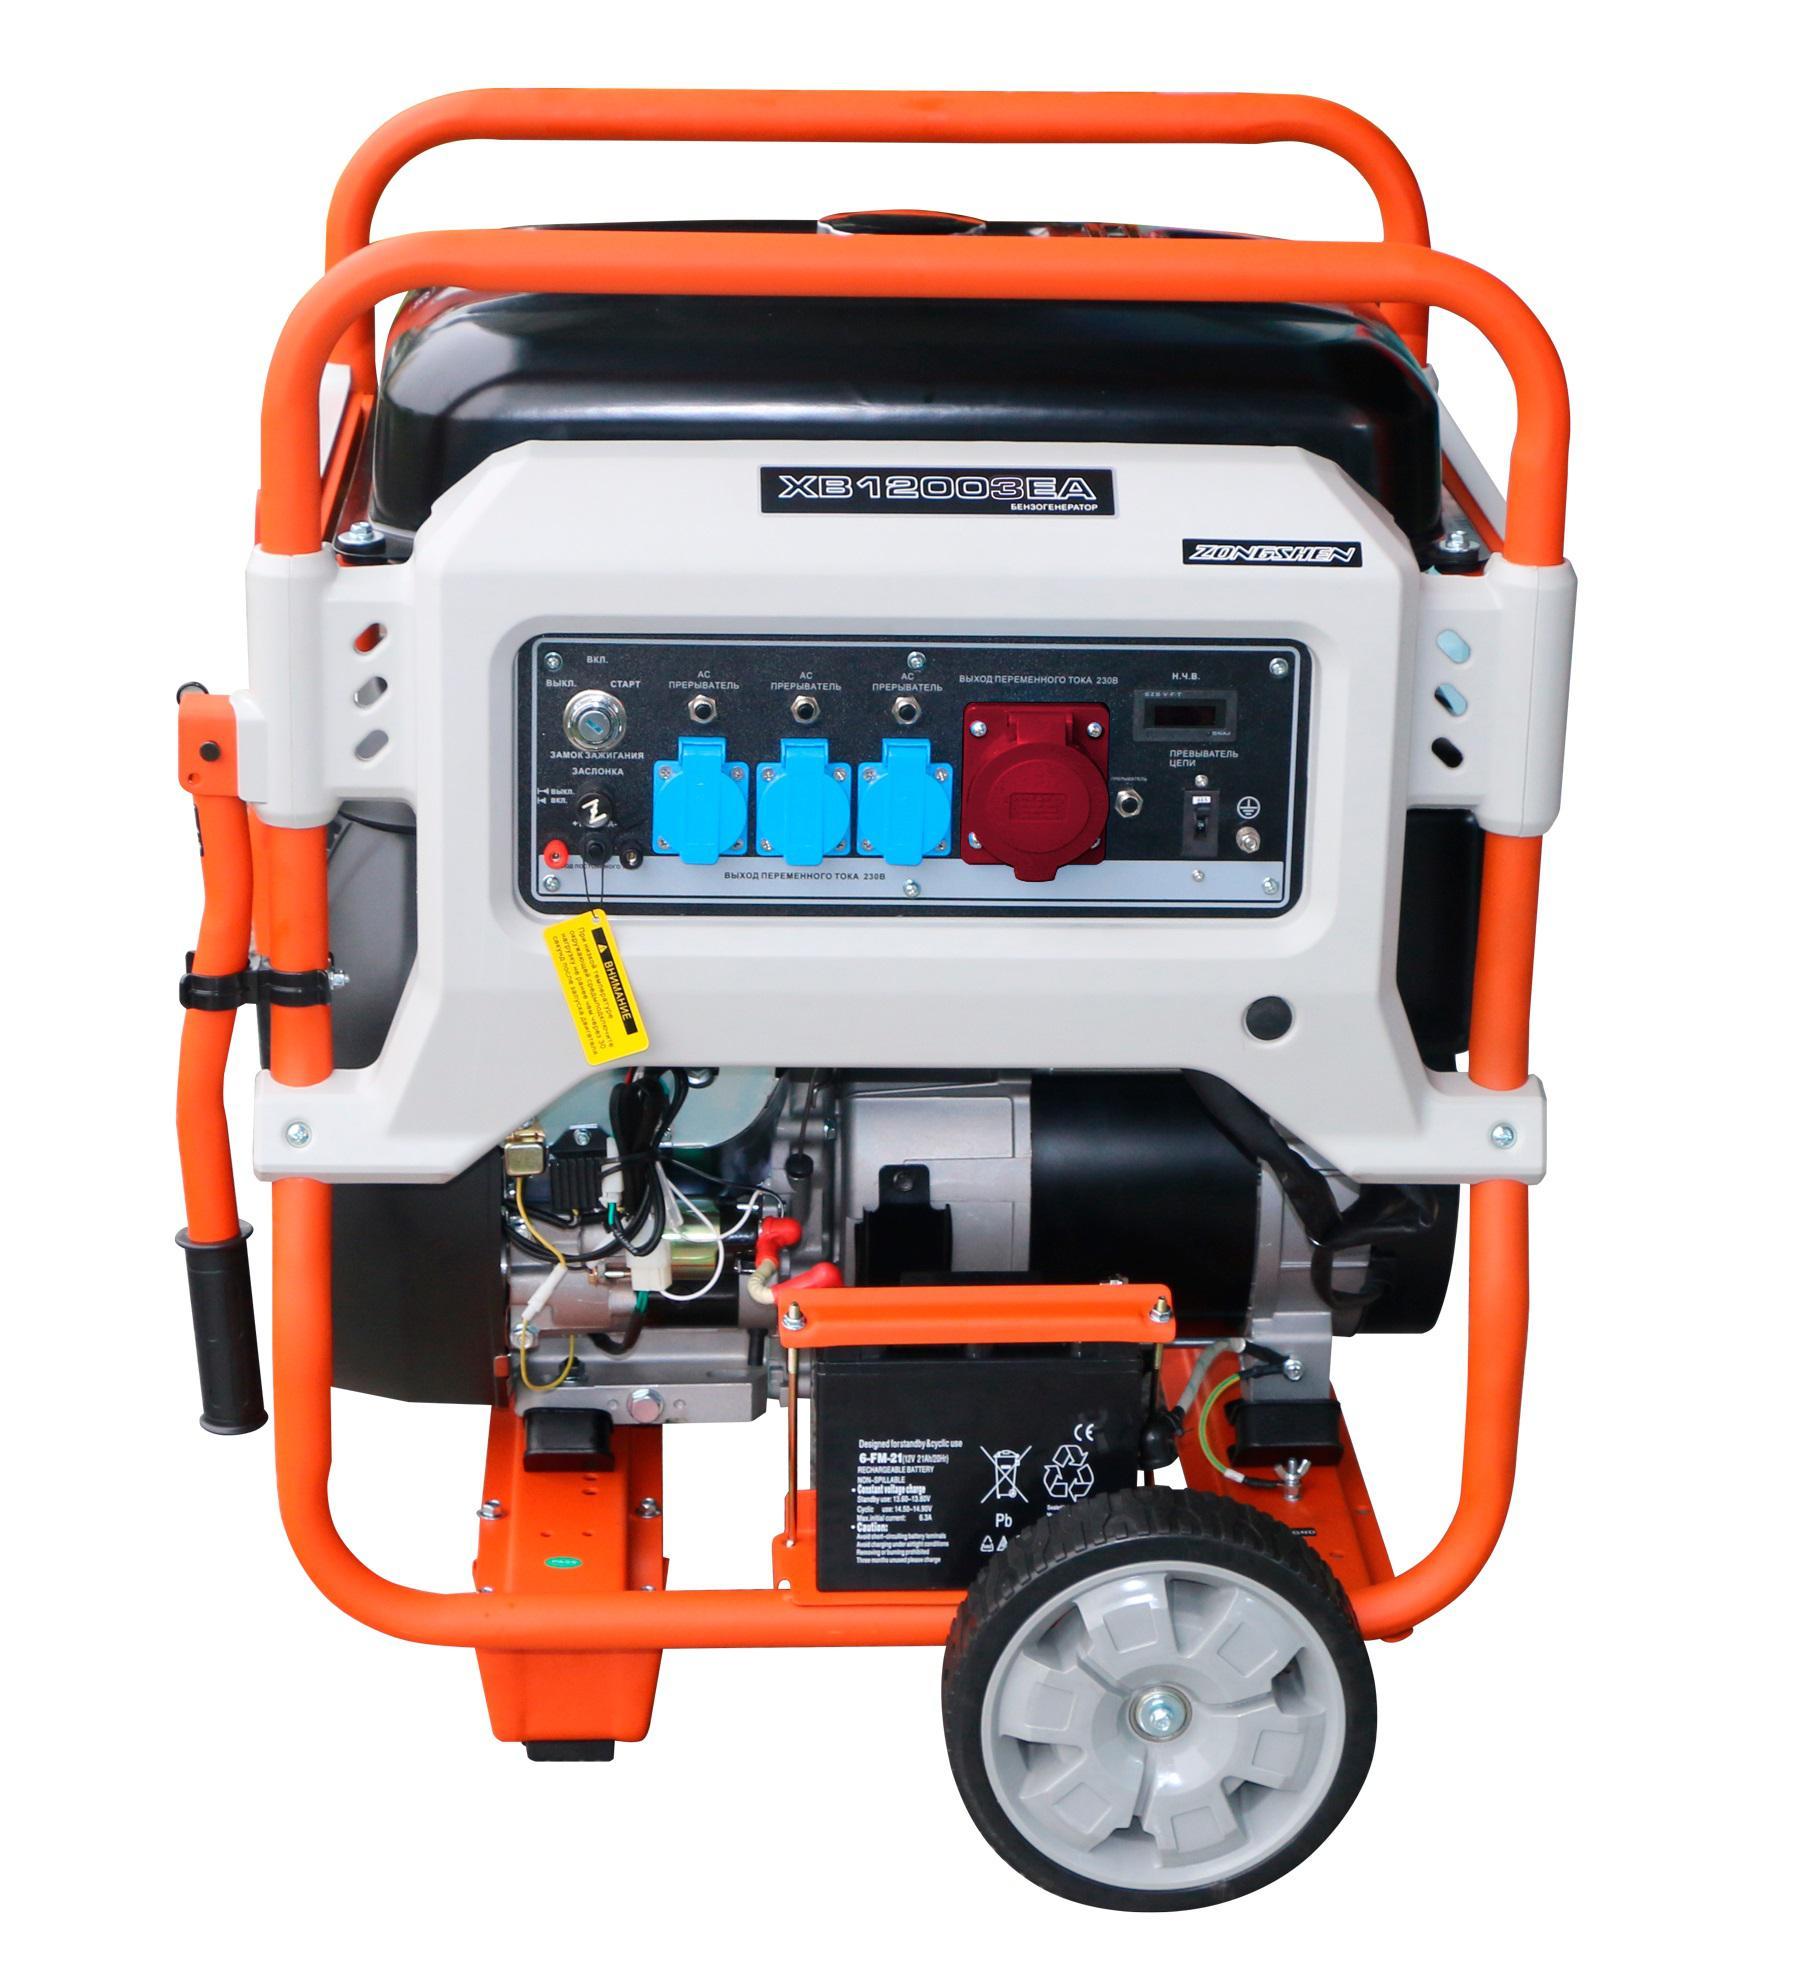 Бензиновый генератор Zongshen Xb 12003 ea